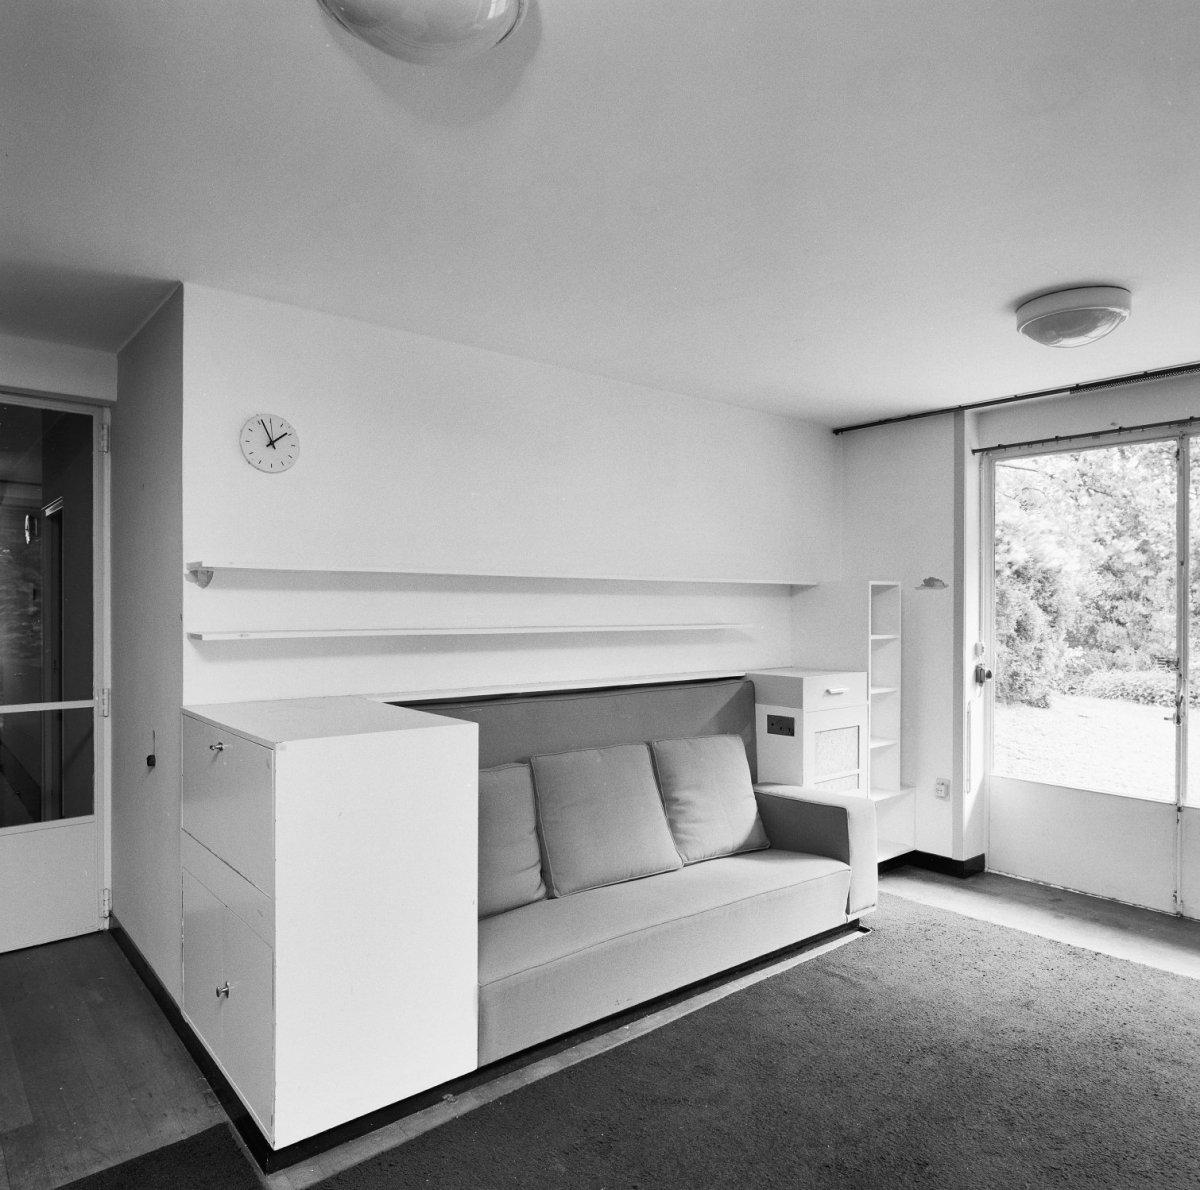 file int begane grond studio met vaste bank en ingebouwde kastjes rotterdam 20319100 rce